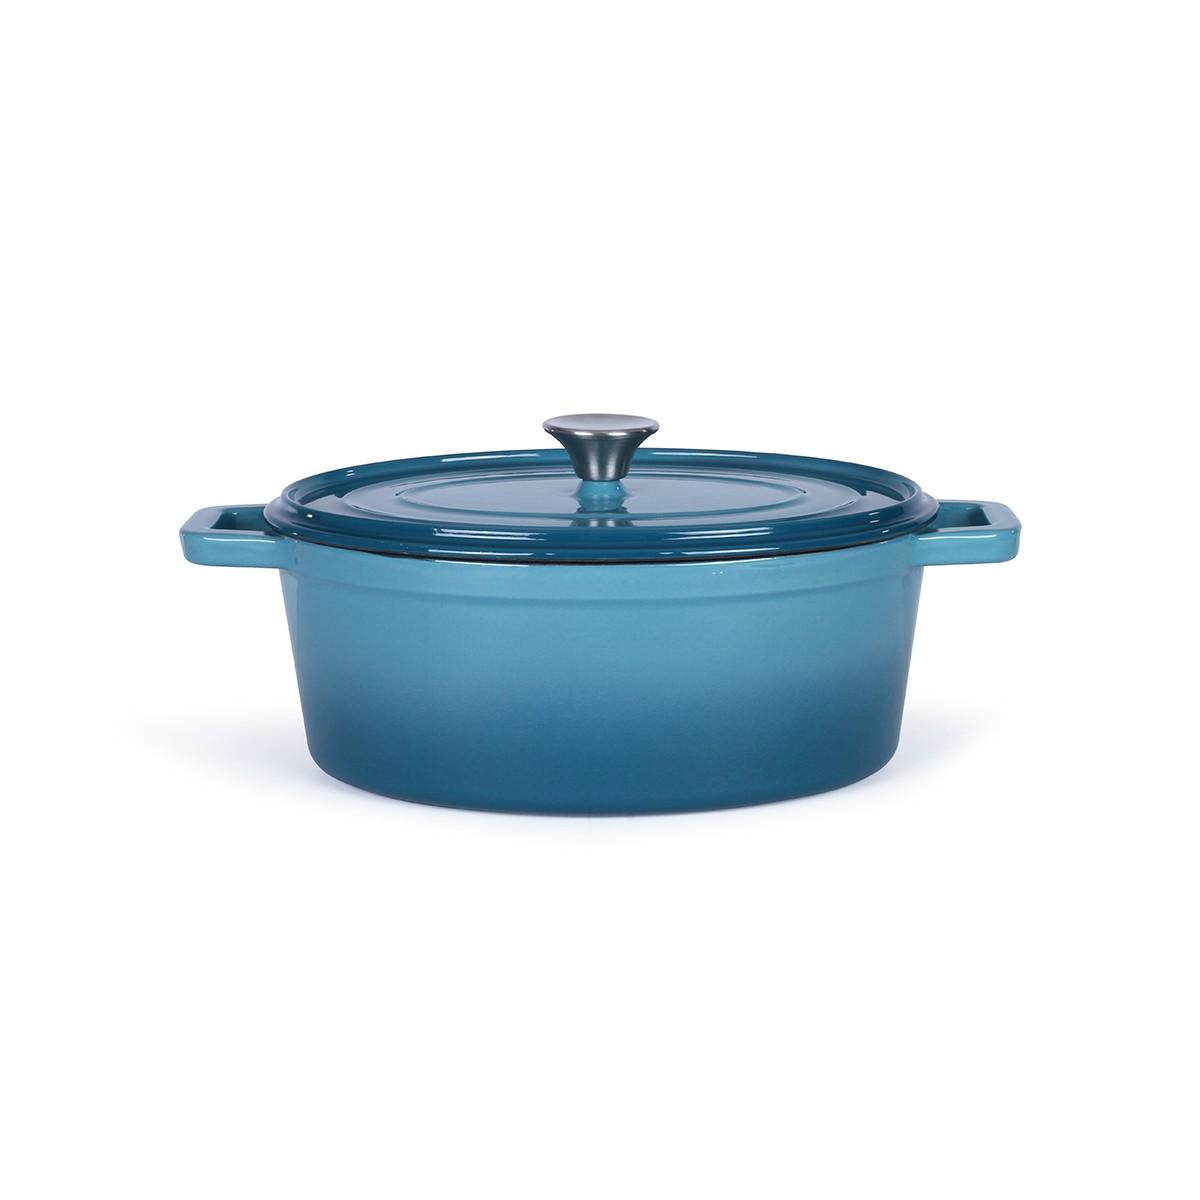 Cocotte ovale en émail bleu